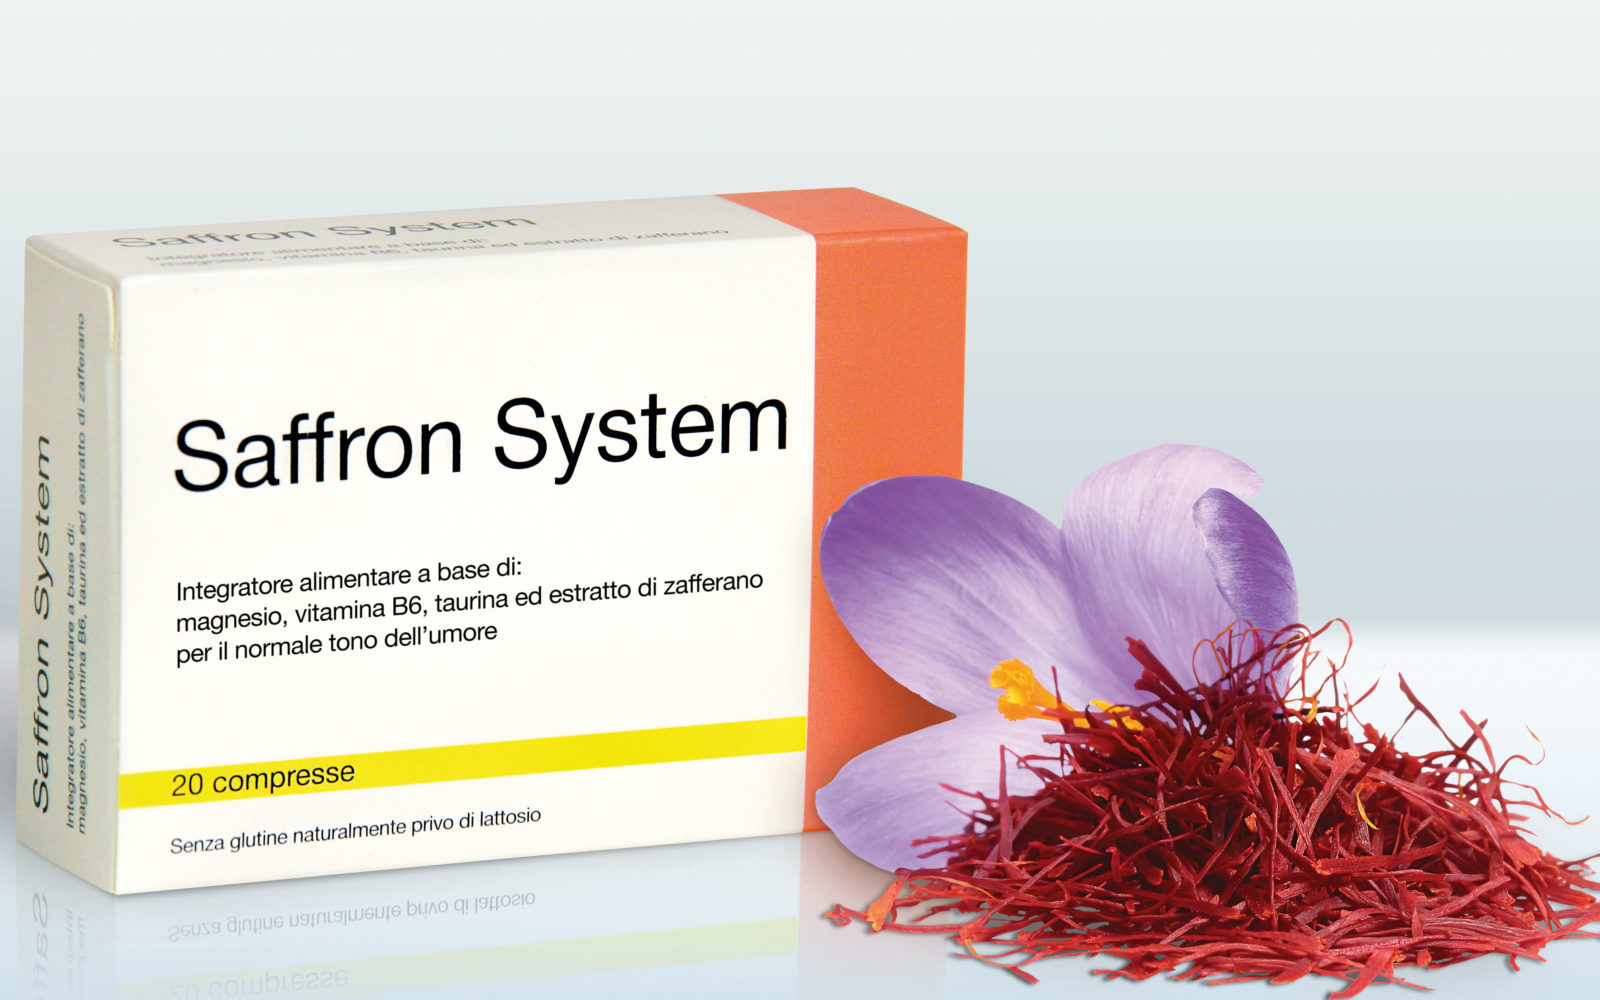 Saffron System